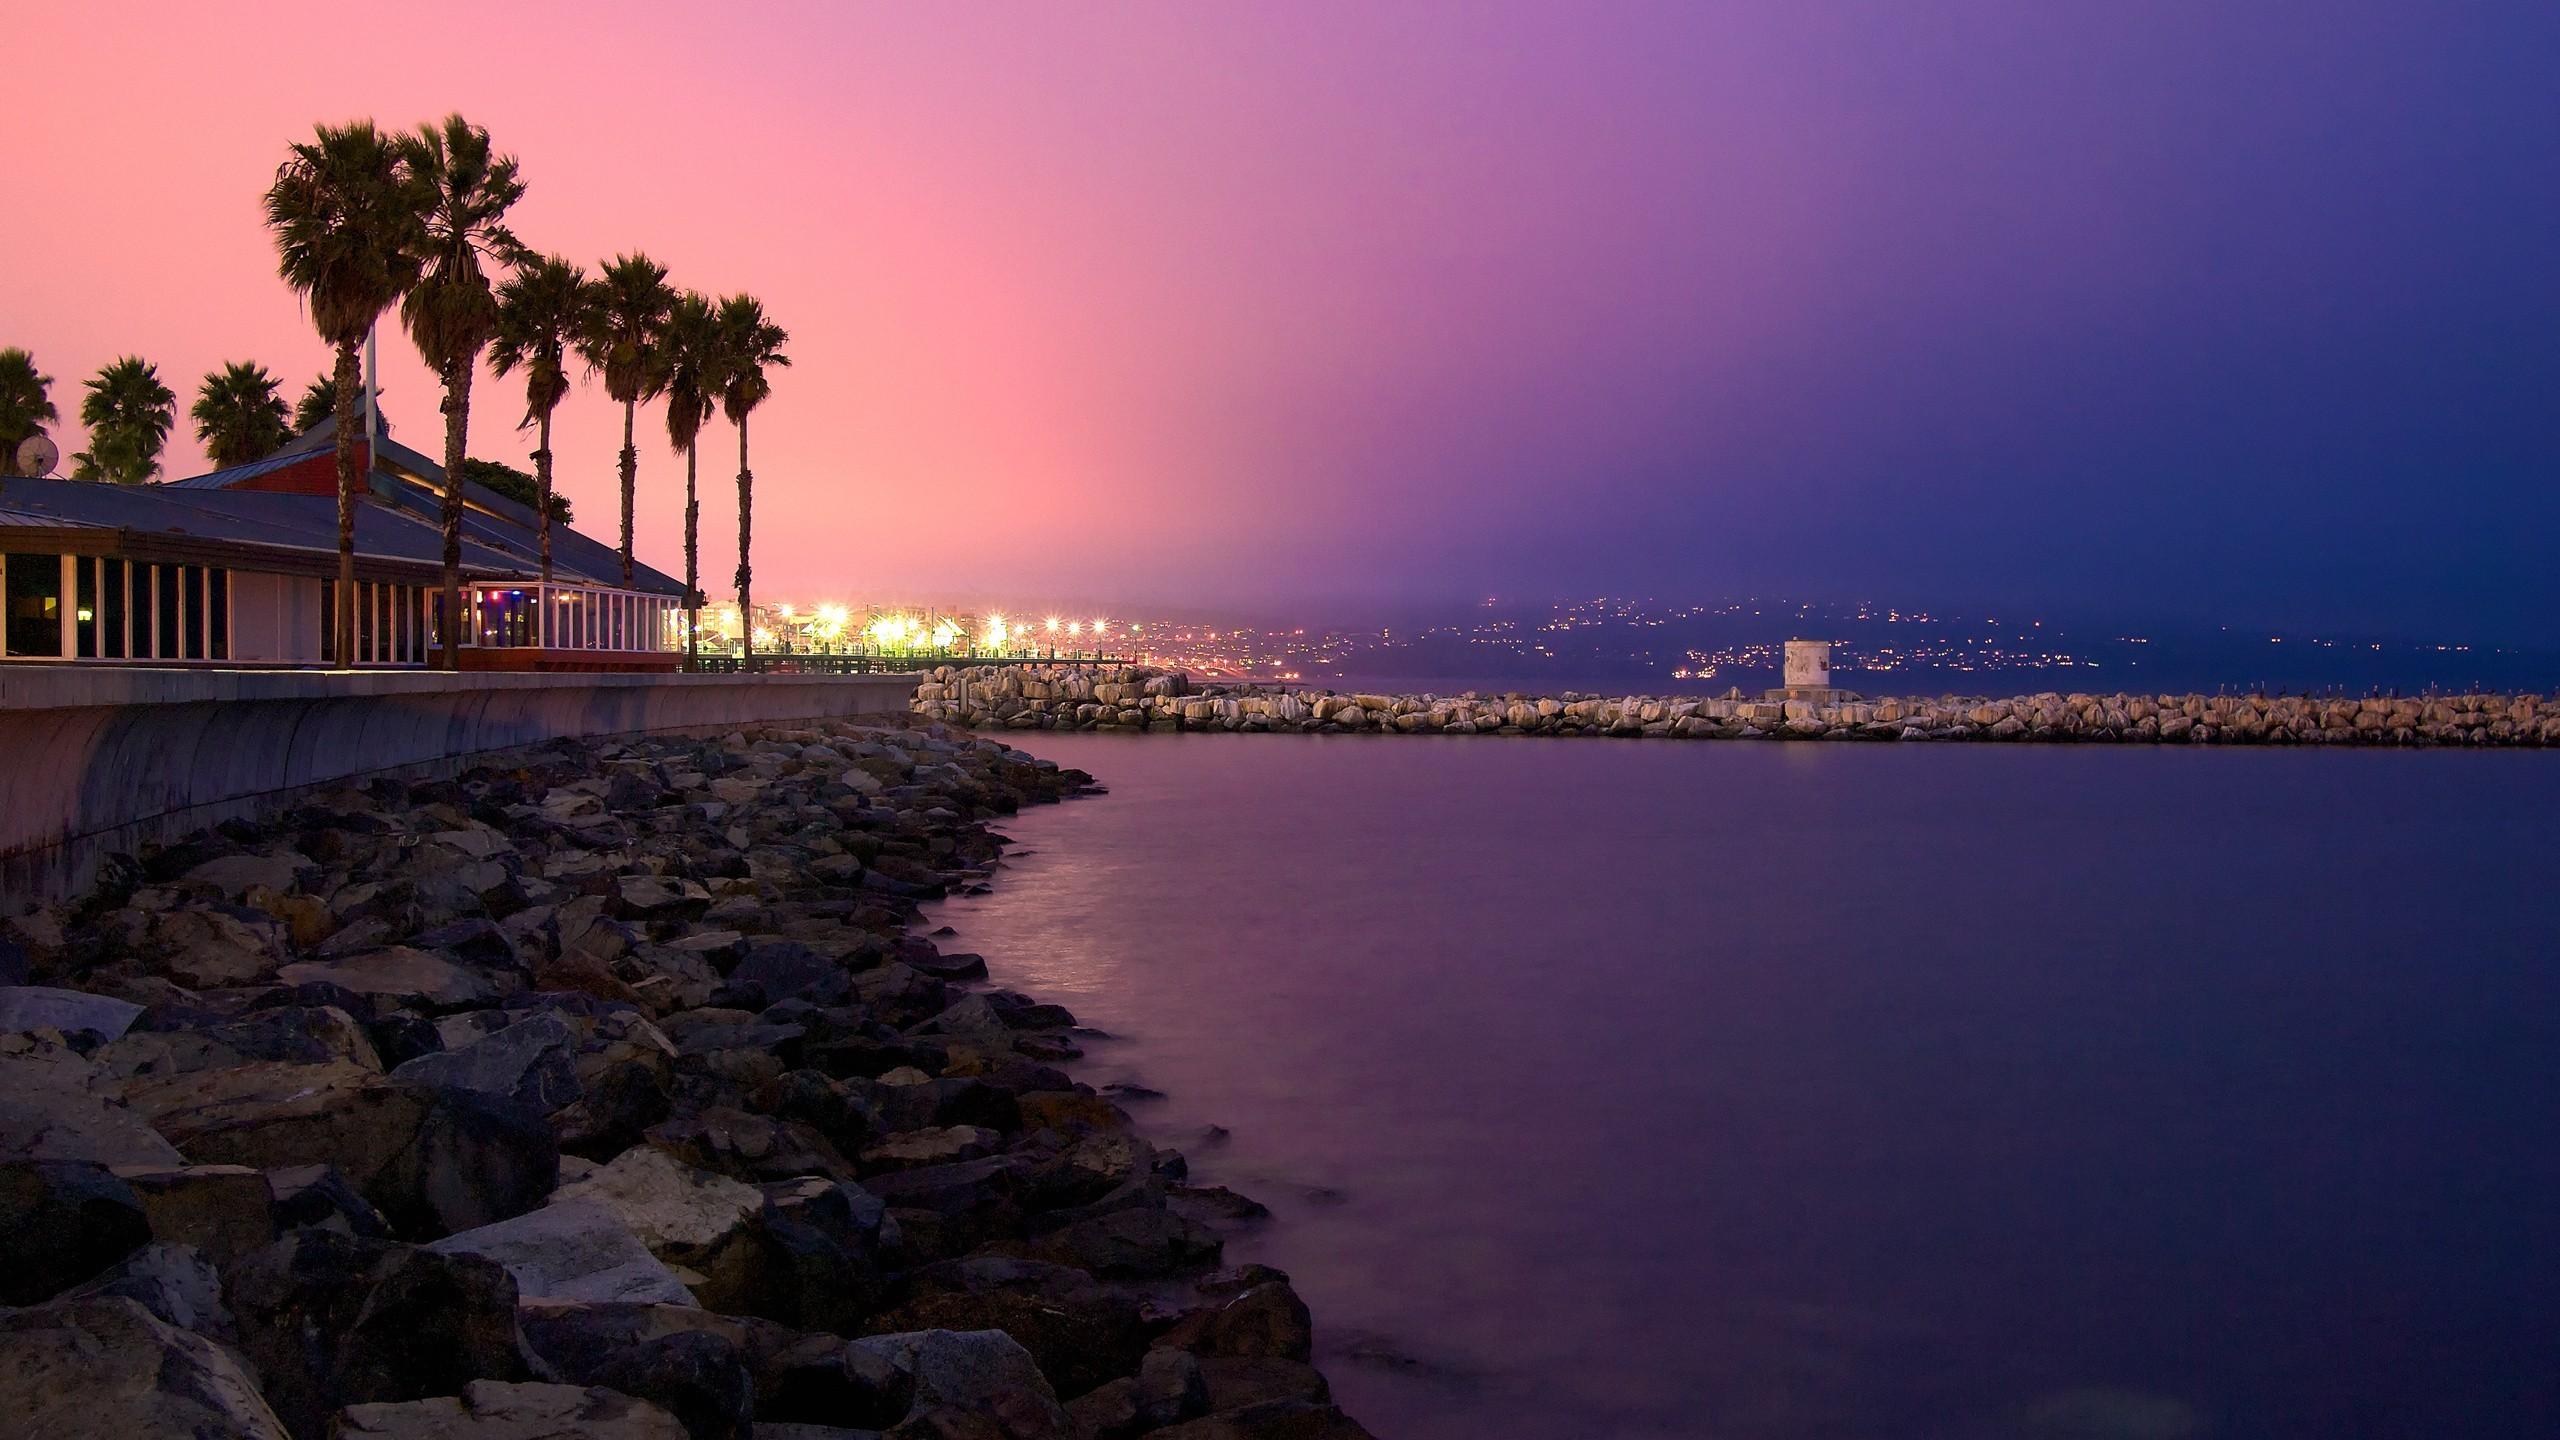 Beach Resort Island Paradise Sunset Wallpaper Iphone 6 : Beach HD 16:9 High  Definition